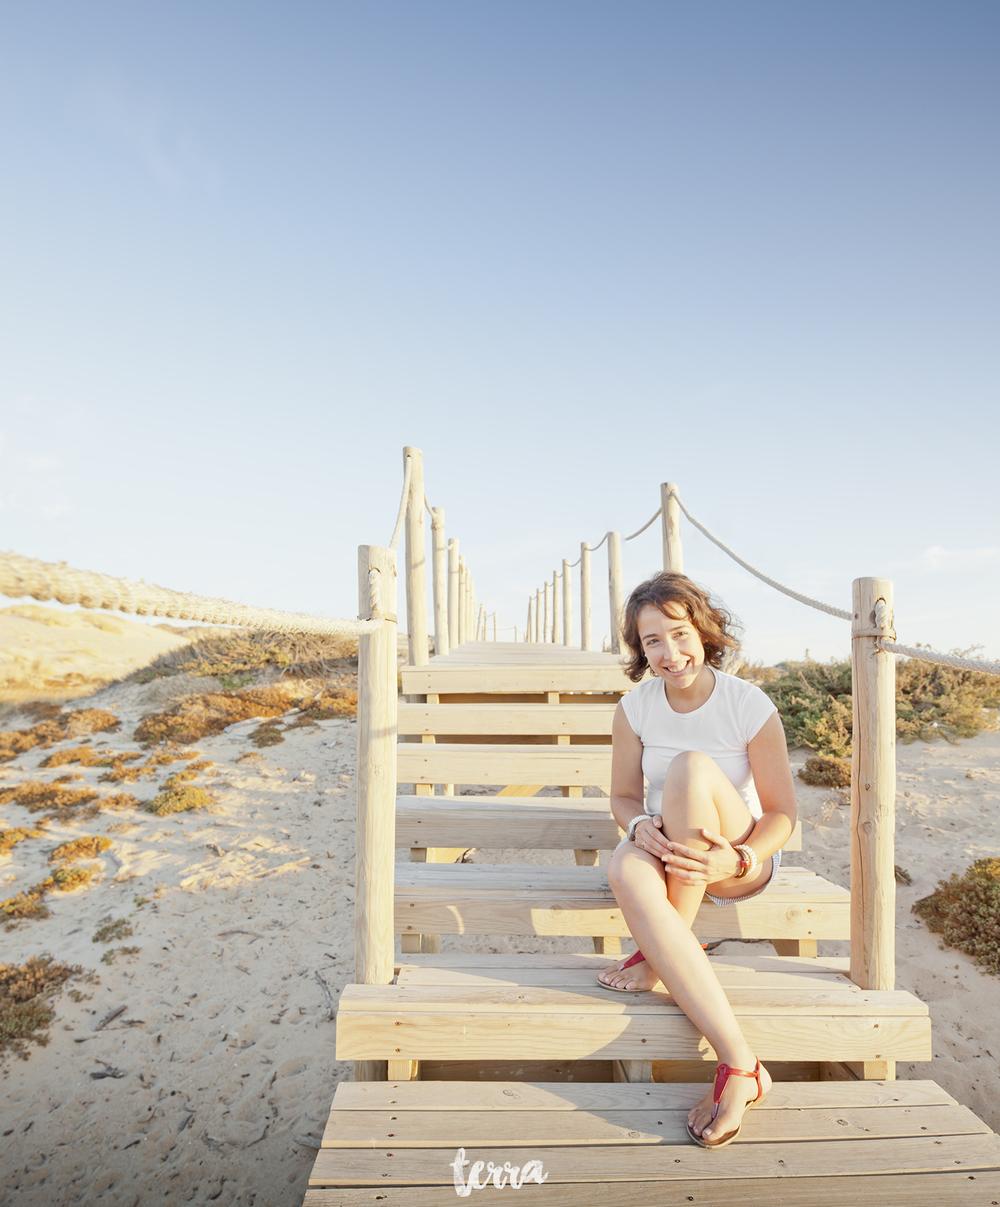 sessao-fotografica-familia-duna-cresmina-terra-fotografia-0029.jpg